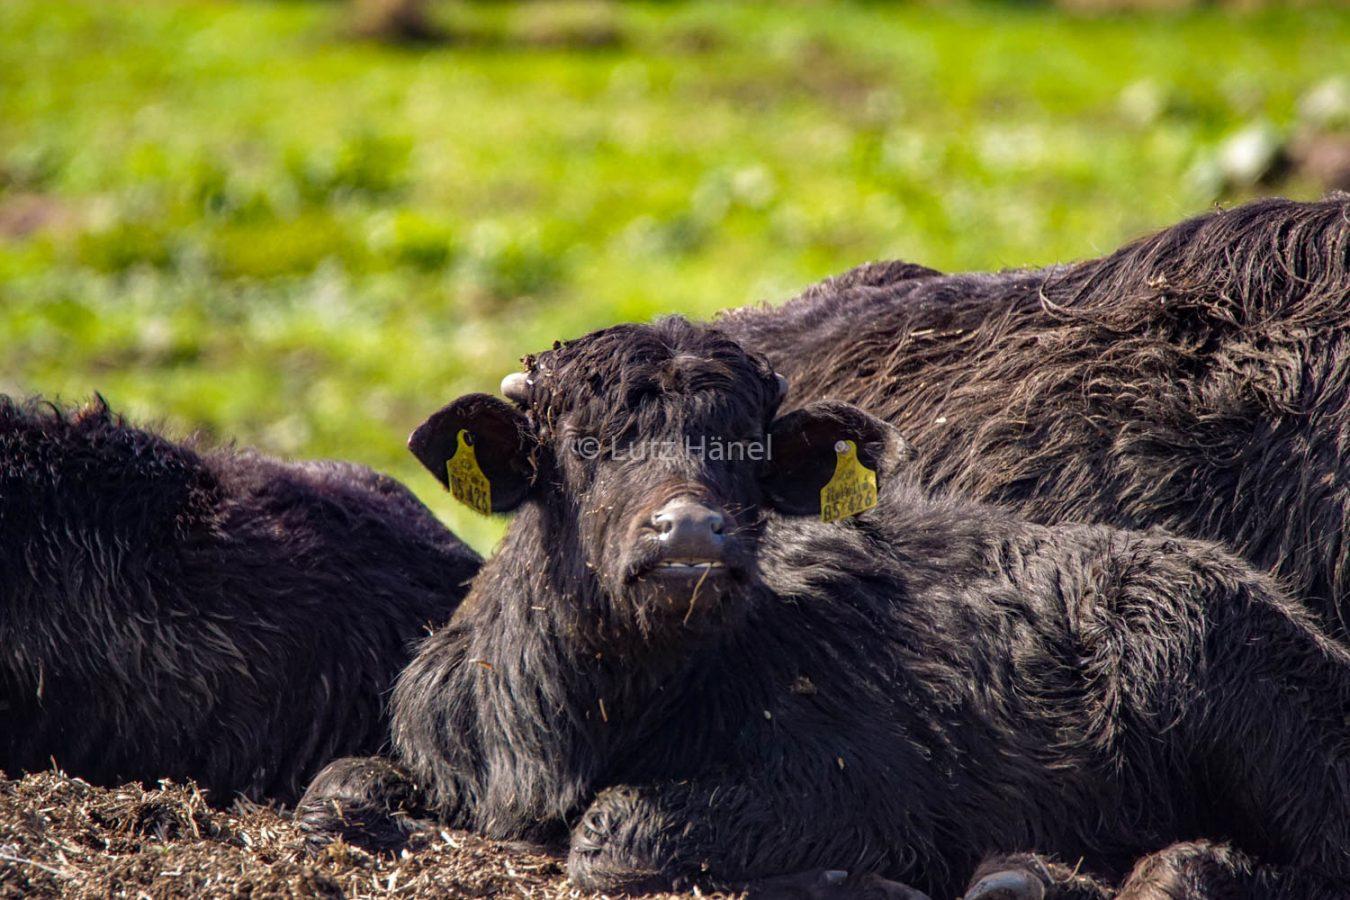 die jungen Wasserbüffel wachsen heran